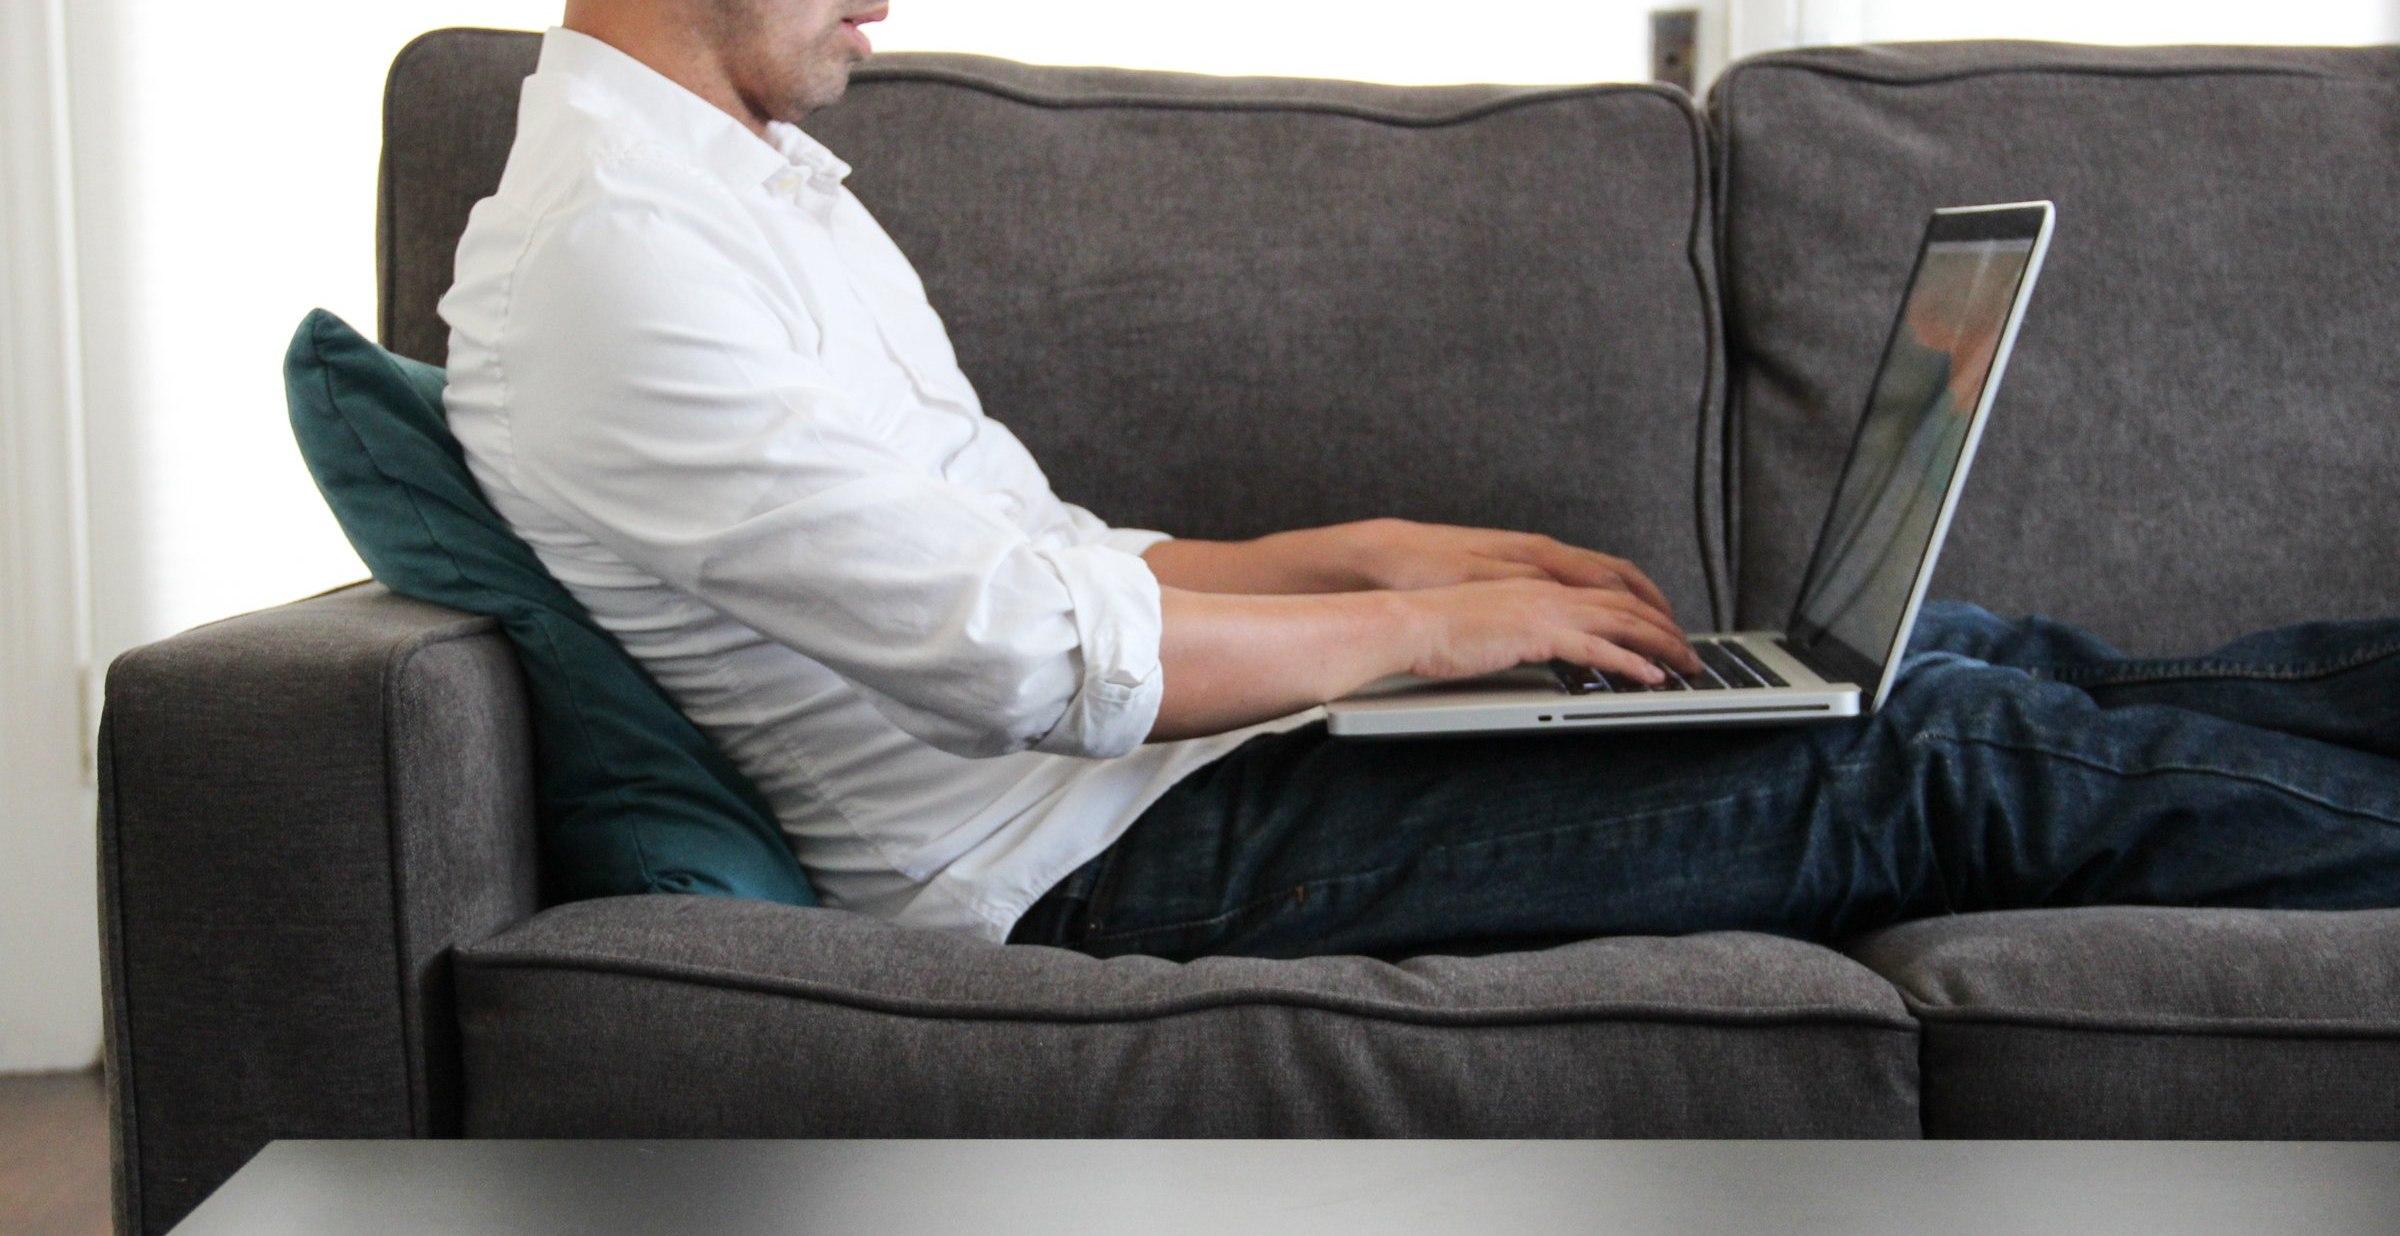 Używanie laptopa na kanapie